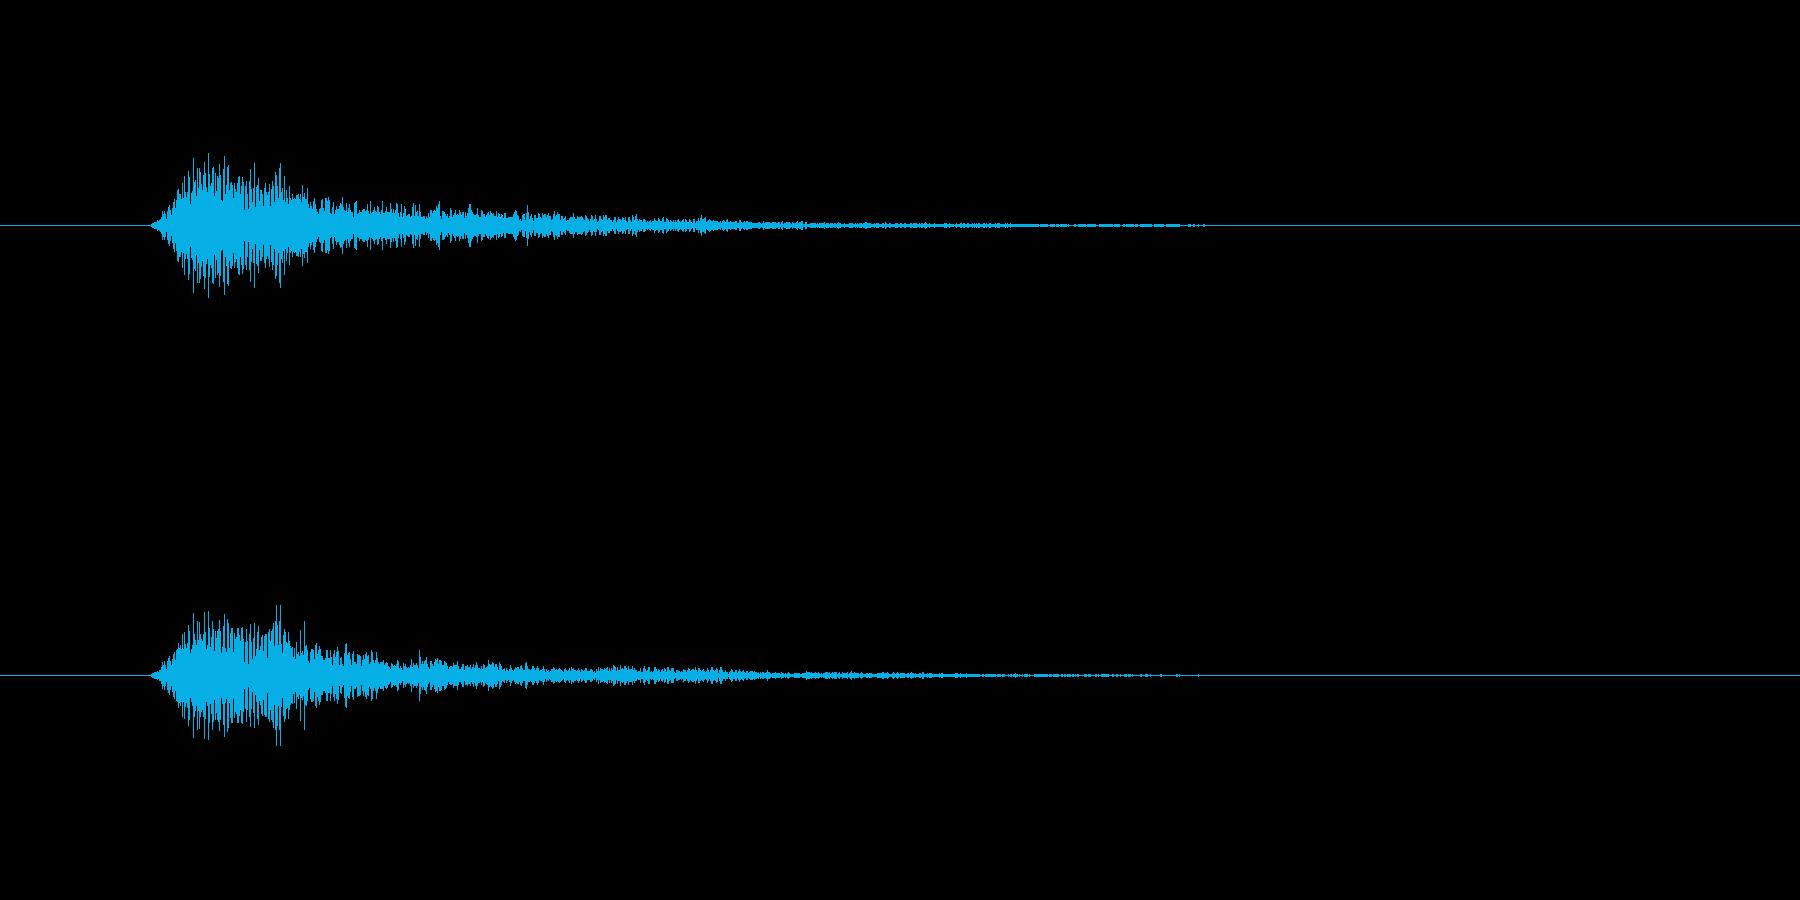 フォーン(透明感のある決定音)の再生済みの波形